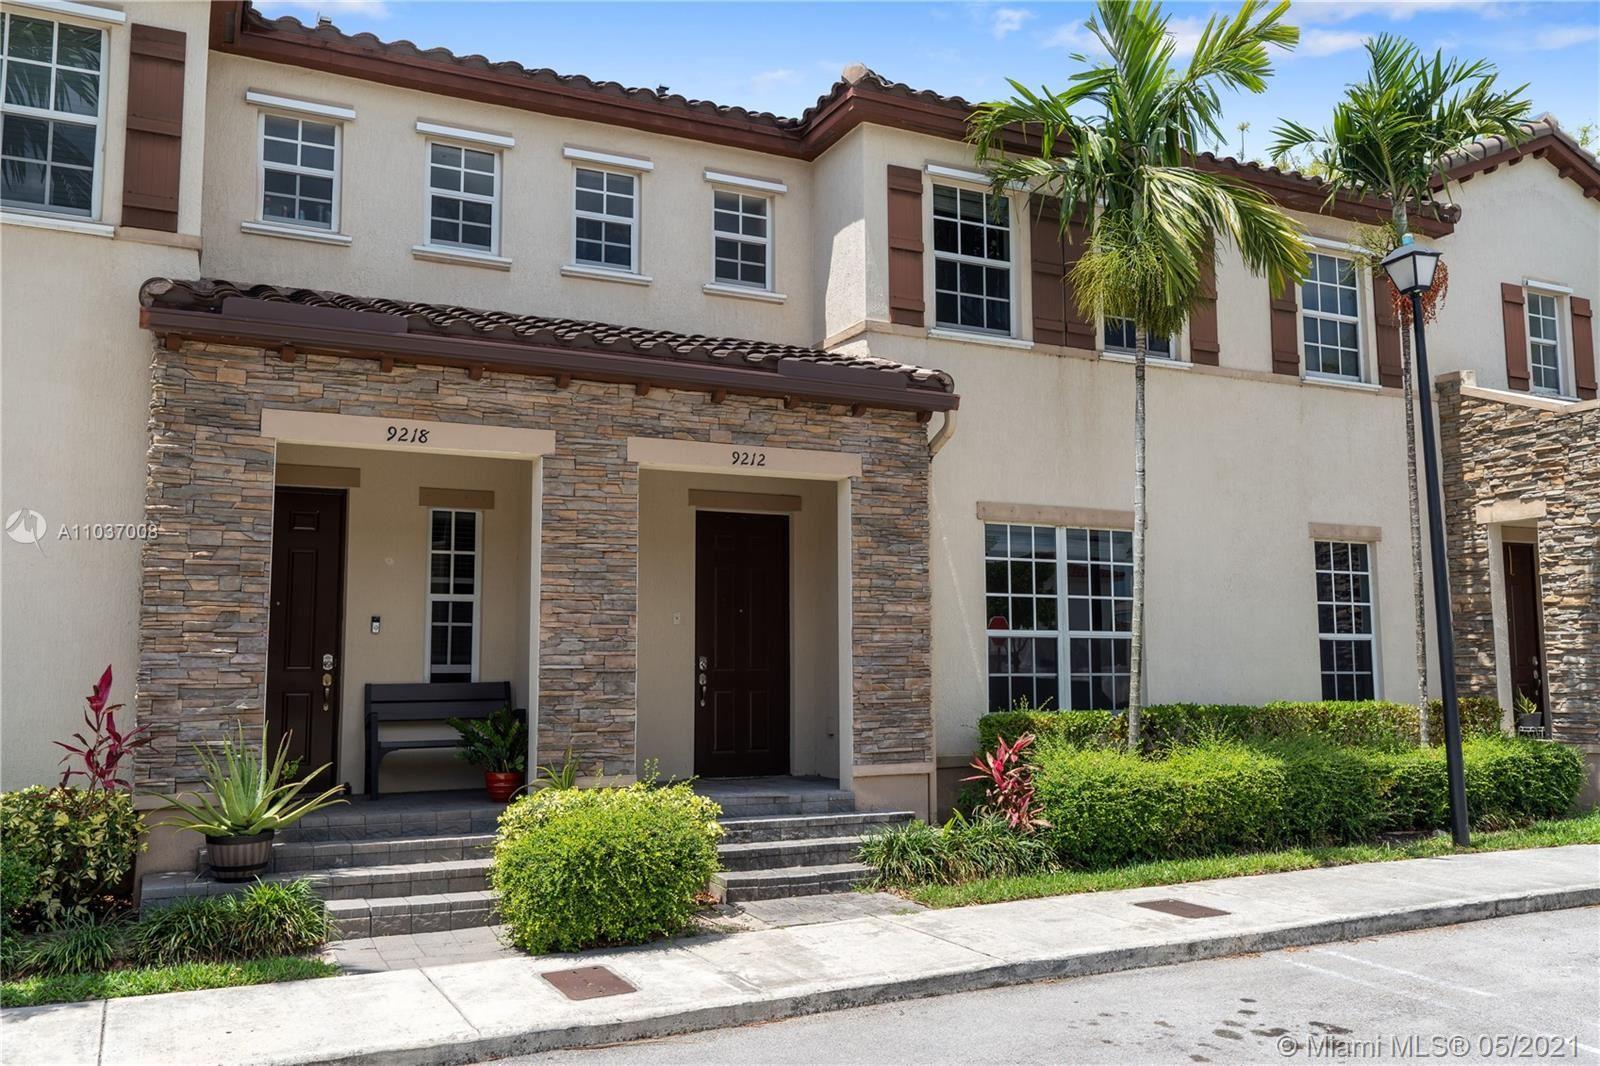 9212 SW 170th Pl #., Miami, FL 33196 - #: A11037008